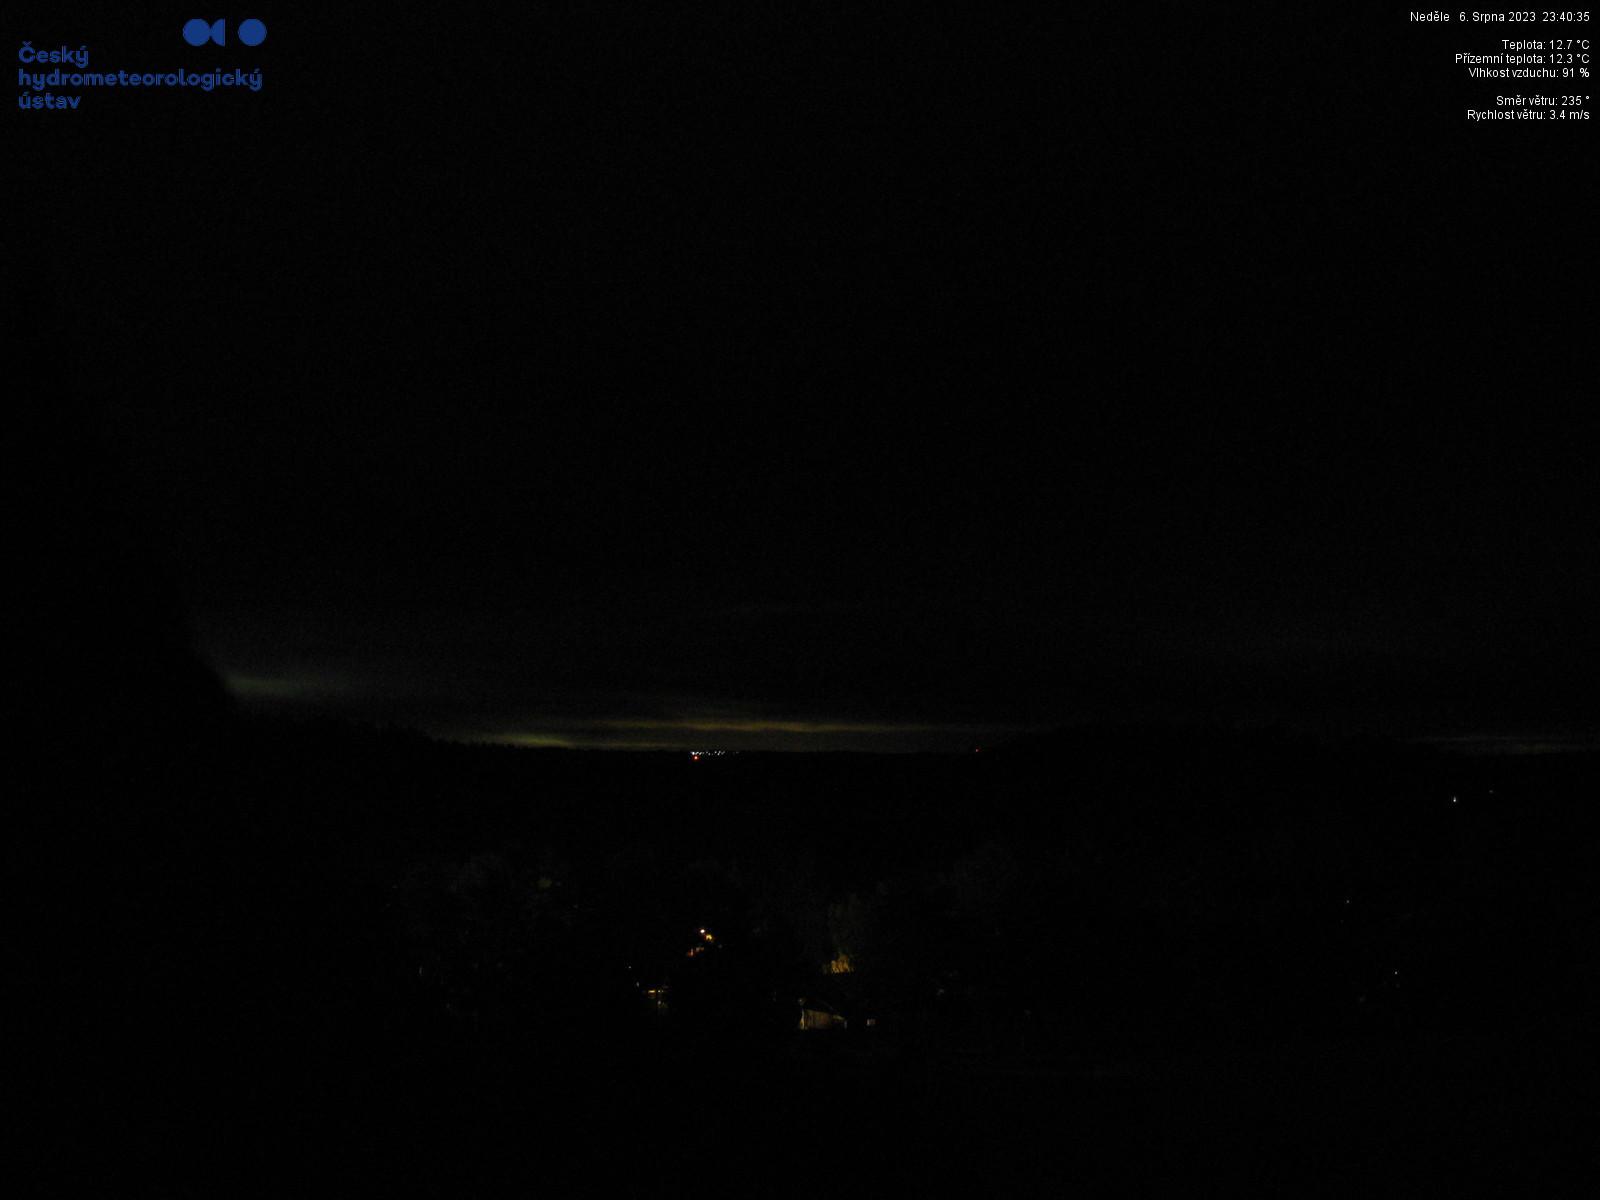 Webcam - Seč